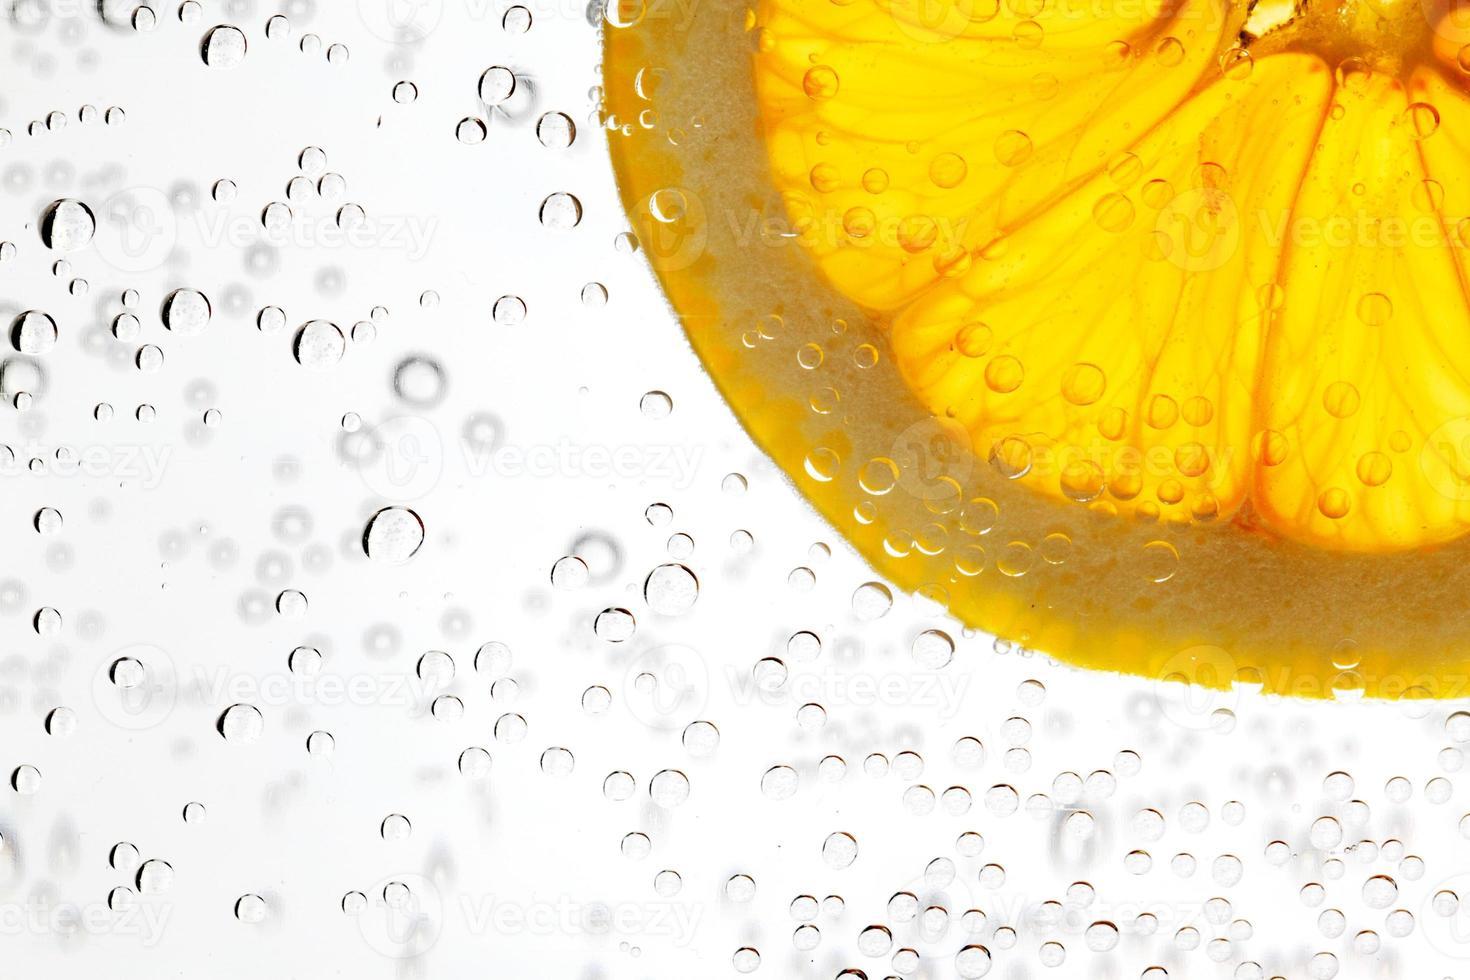 een schijfje citrus sinaasappel in een glas water foto